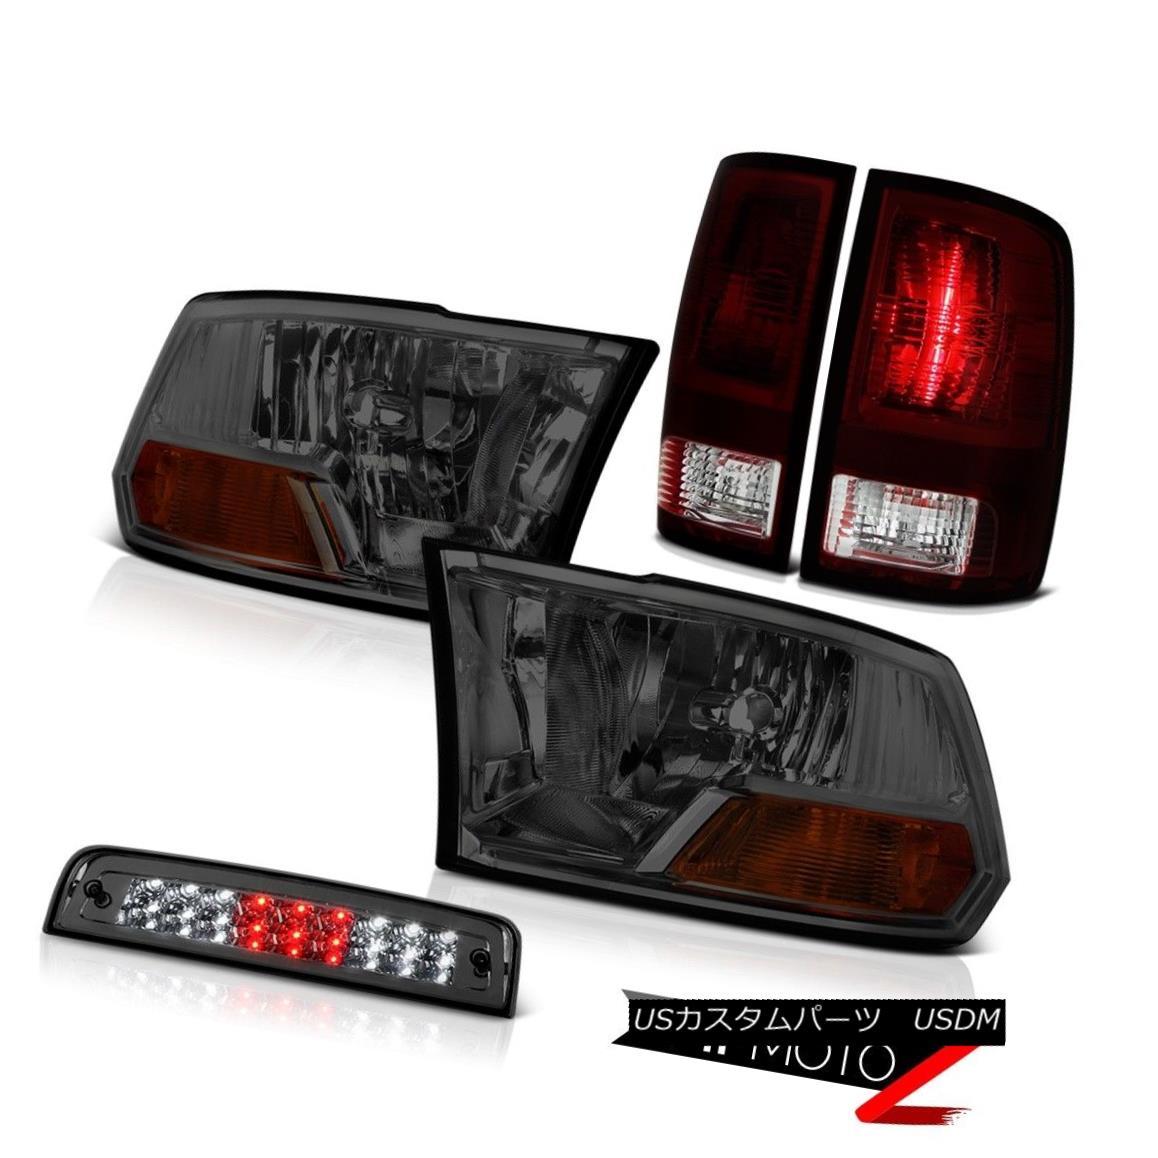 テールライト 2010-2018 Dodge Ram 3500 Big Horn Smokey 3RD Brake Lamp Tail Lamps Headlamps SMD 2010-2018ダッジラム3500ビッグホーンスモーキー3RDブレーキランプテールランプヘッドランプSMD